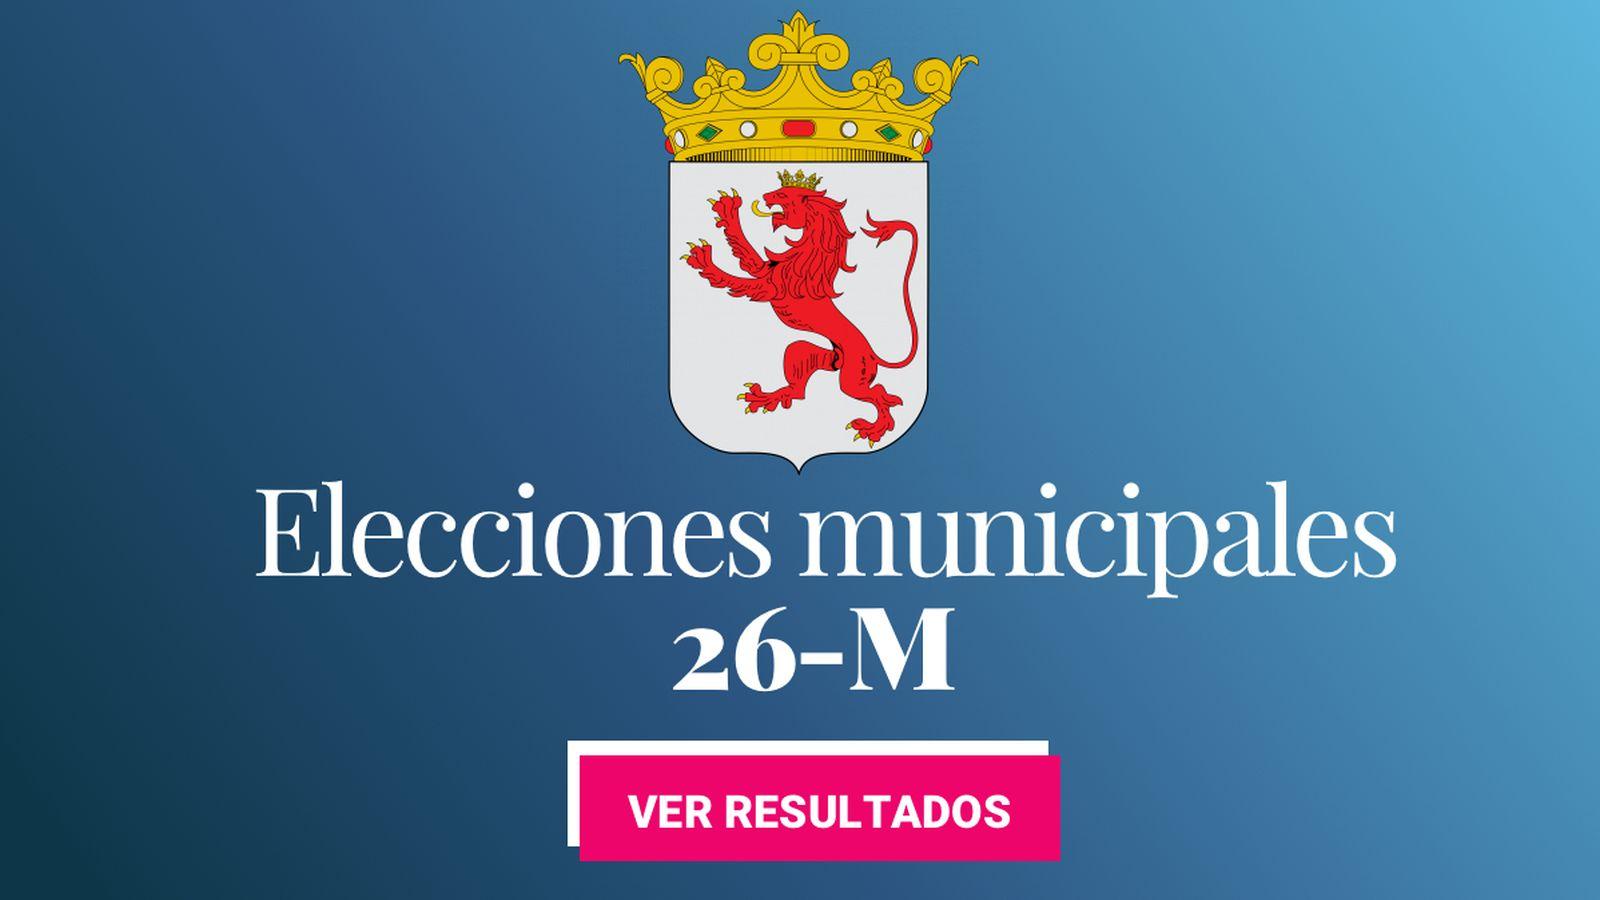 Foto: Elecciones municipales 2019 en León. (C.C./EC)